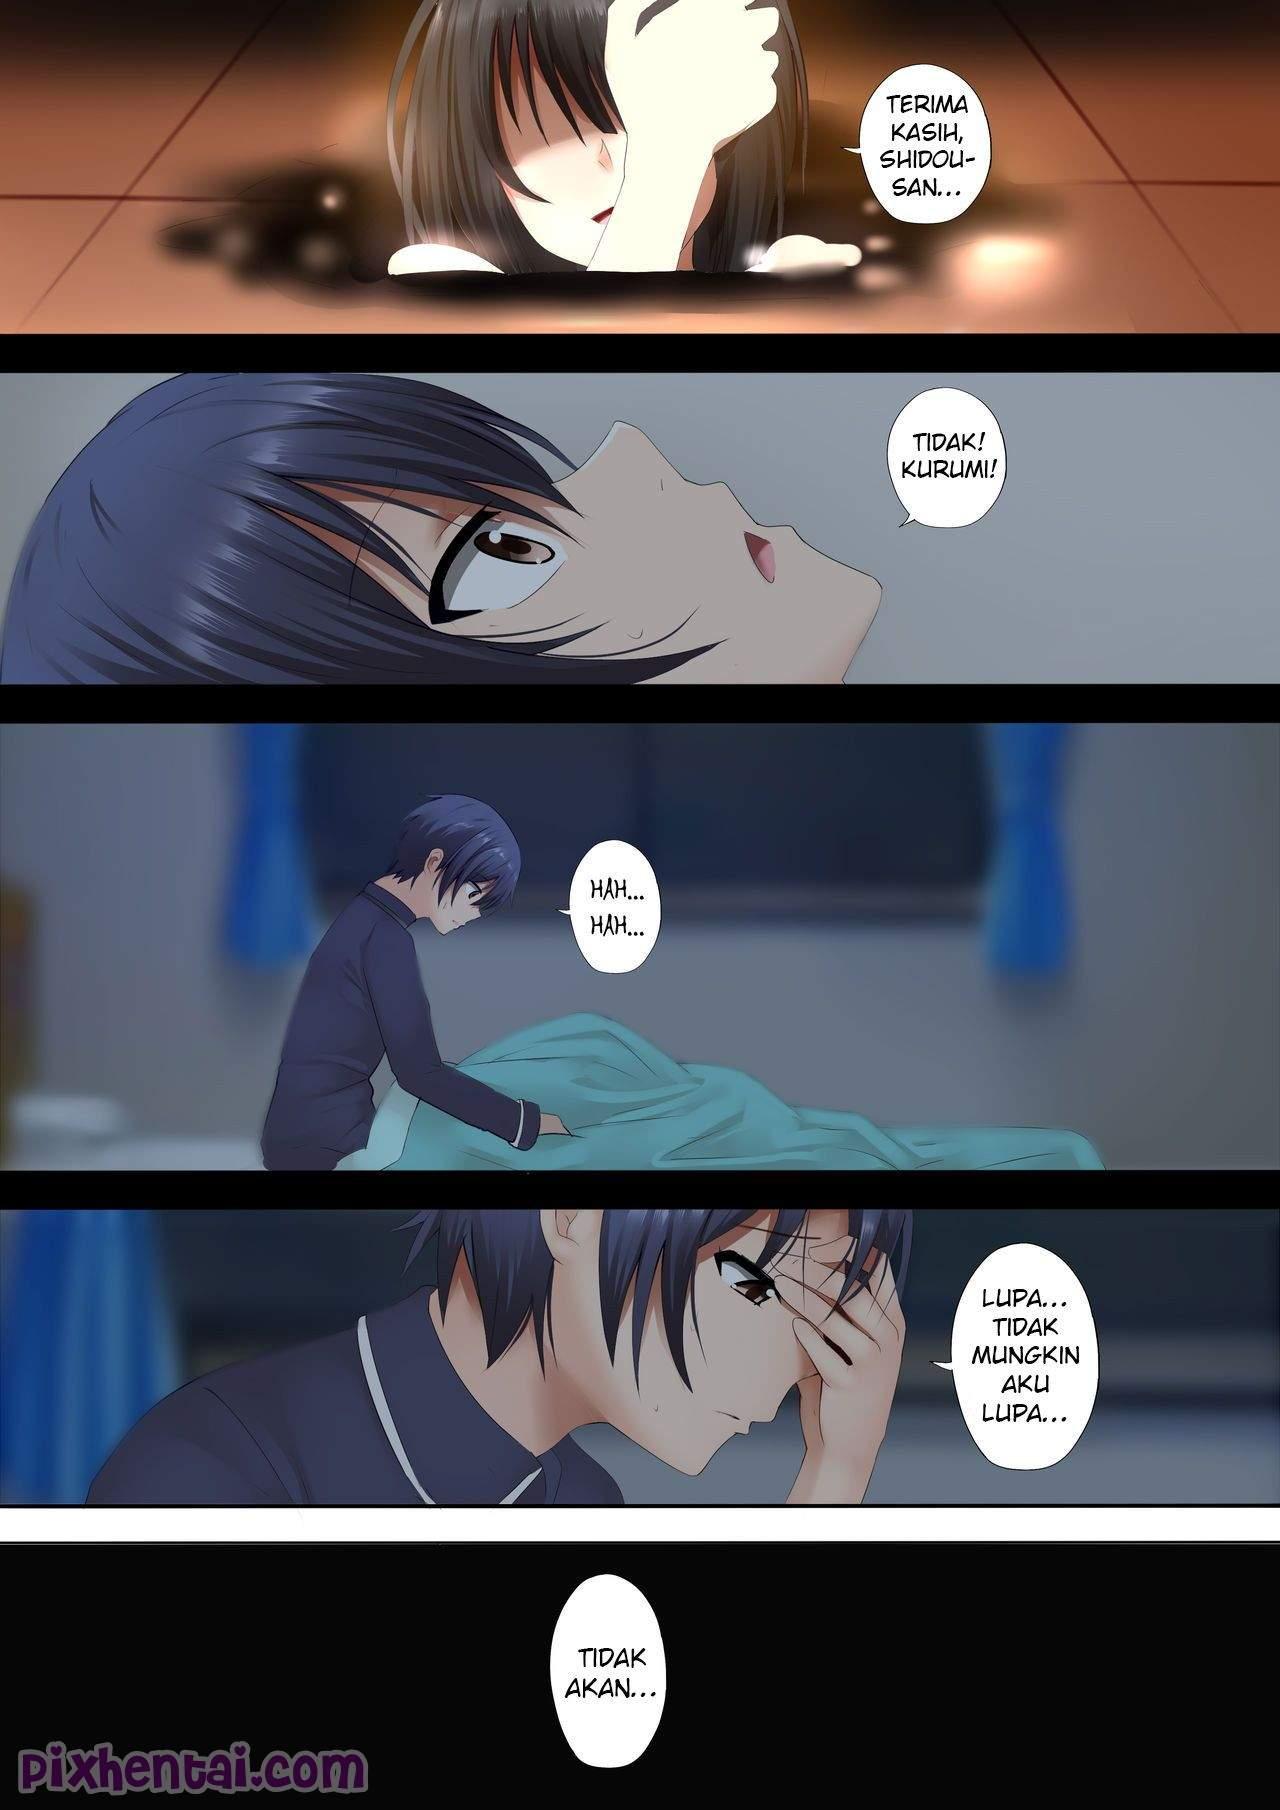 Komik hentai xxx manga sex bokep mimpi basah karena kurumi 14